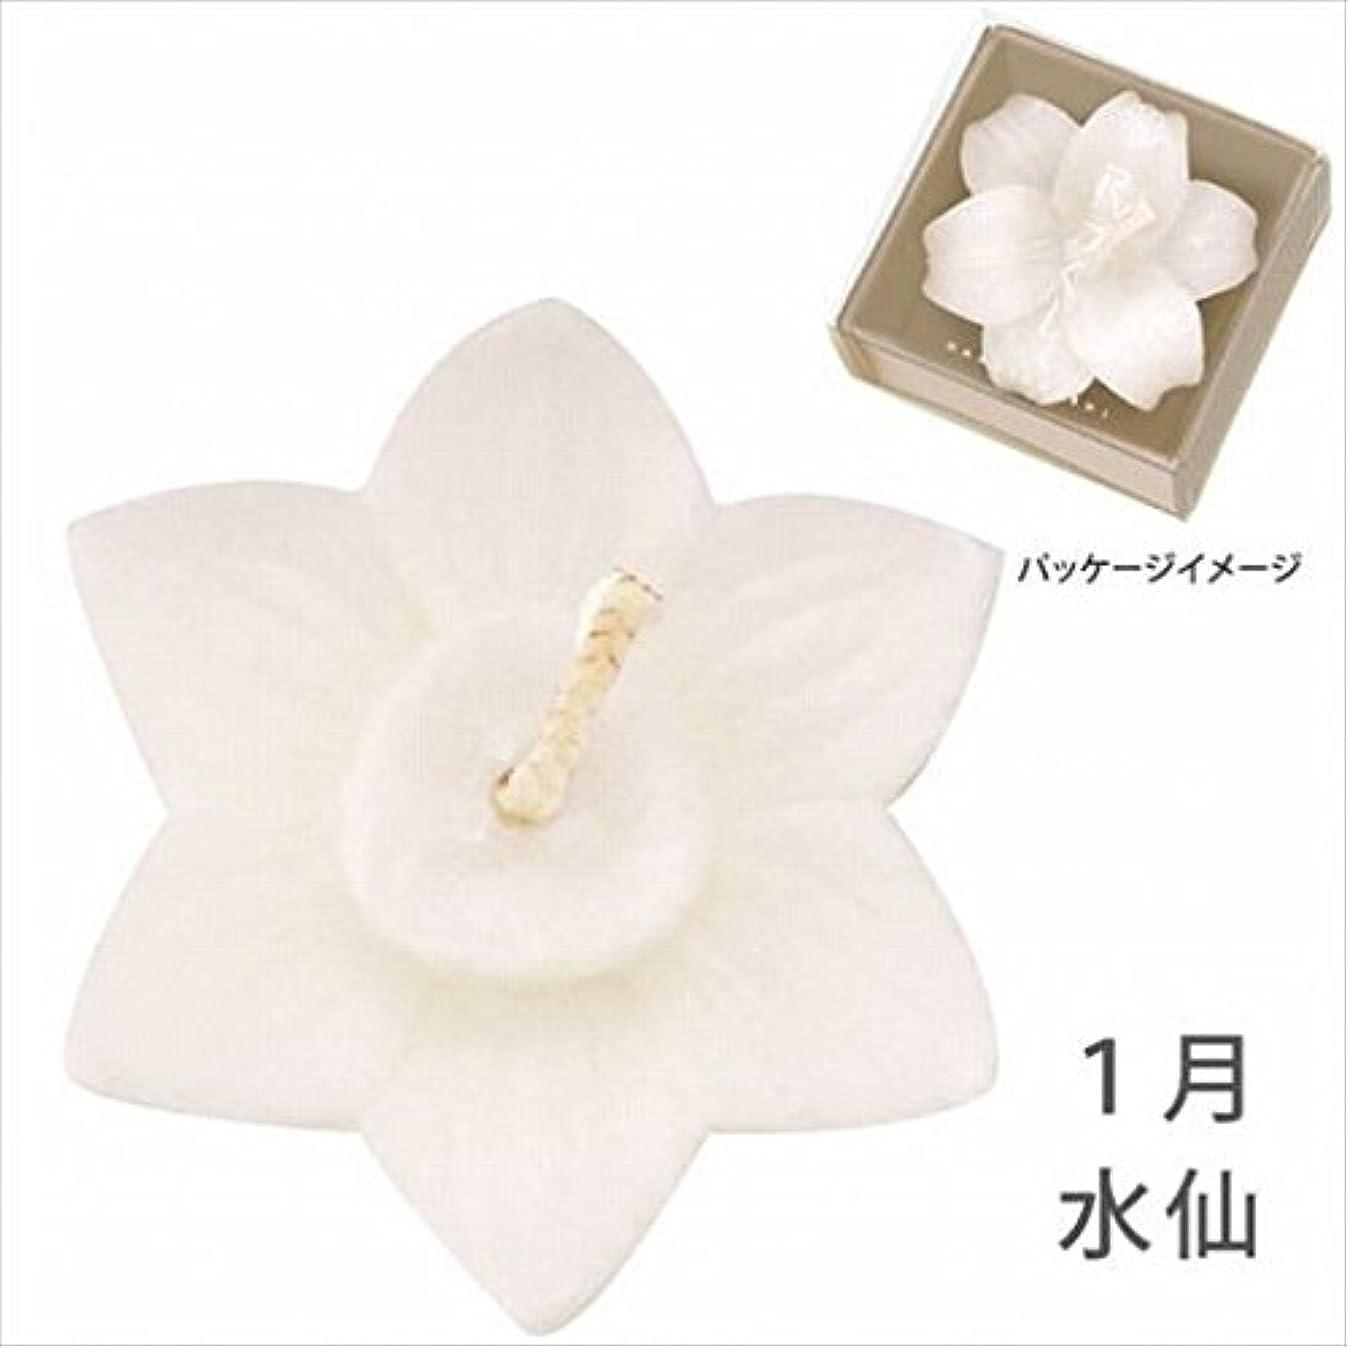 角度ホイップ恋人kameyama candle(カメヤマキャンドル) 花づくし(植物性) 水仙 「 水仙(1月) 」 キャンドル(A4620530)